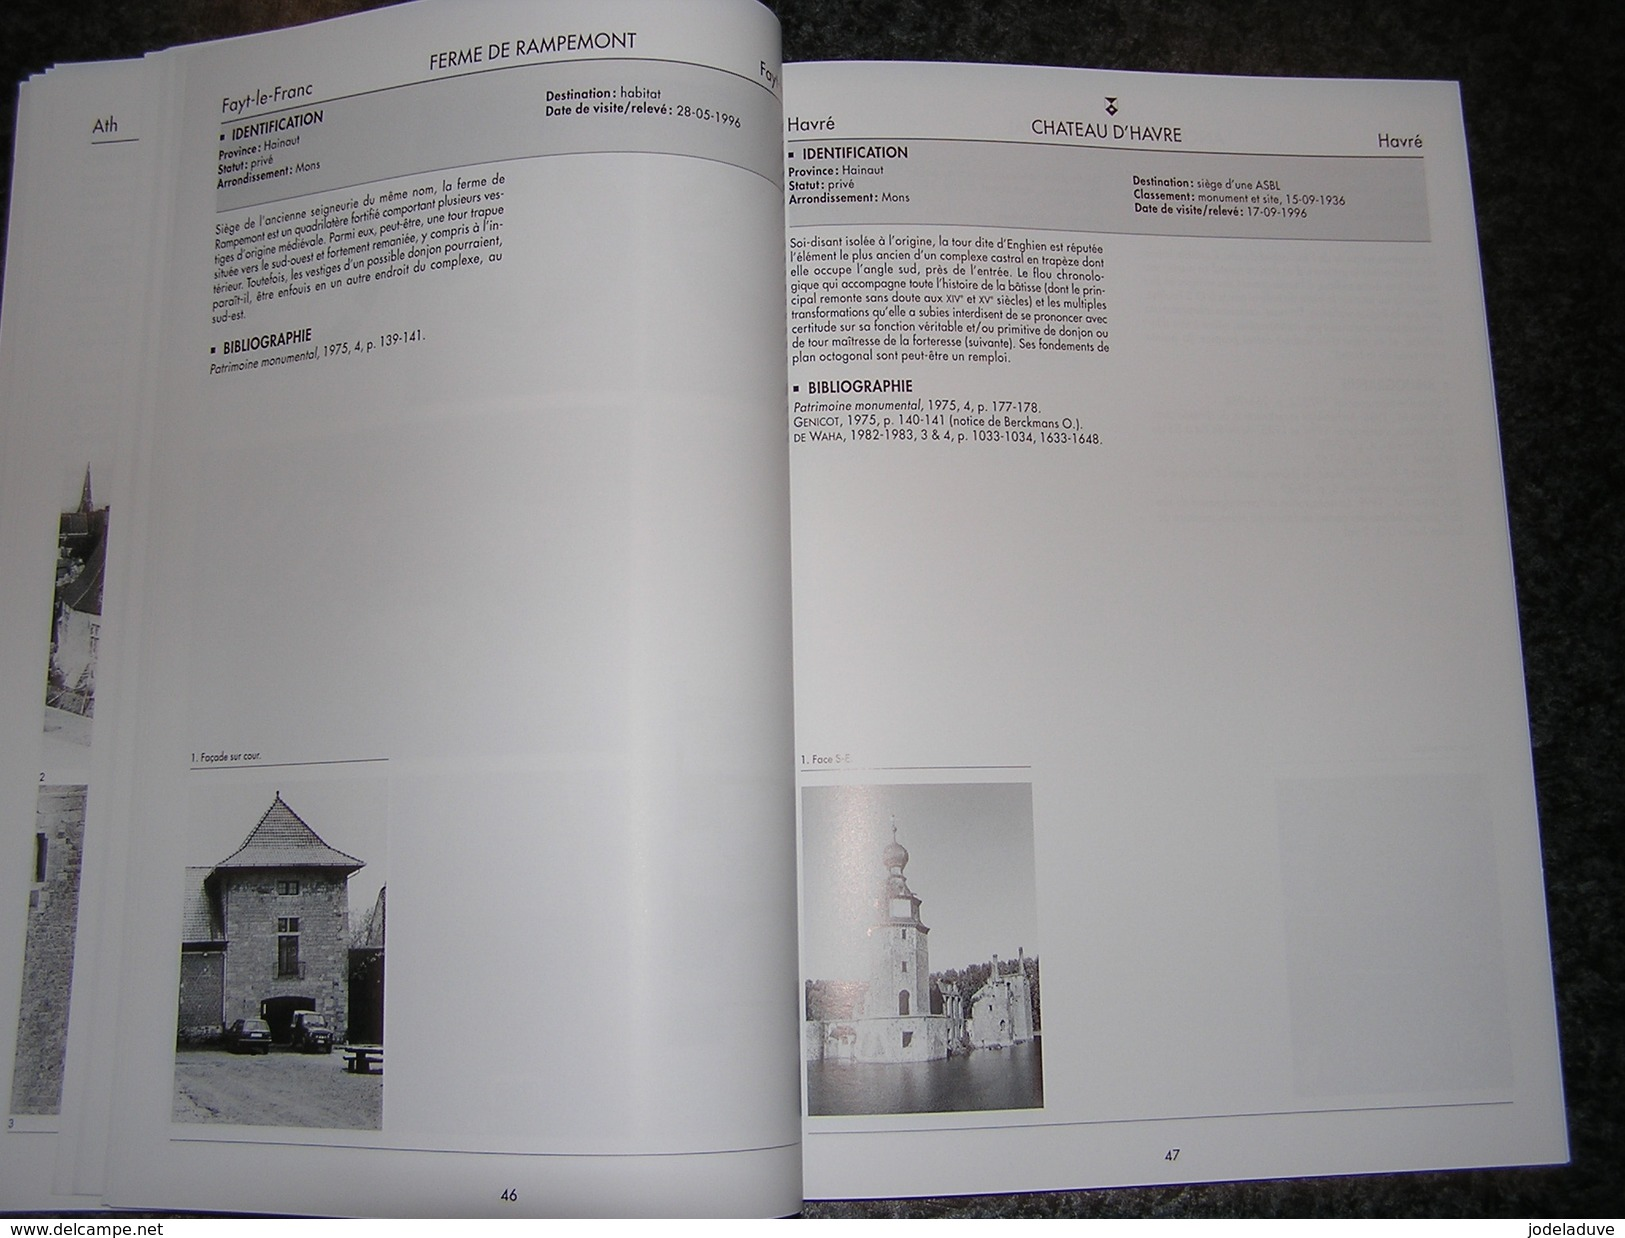 DONJONS MEDIEVAUX DE WALLONIE  Vol 2 Hainaut Régionalisme Beaumont Braine Mellet Enghien Jurbise Lessines Antoing Celles - Culture